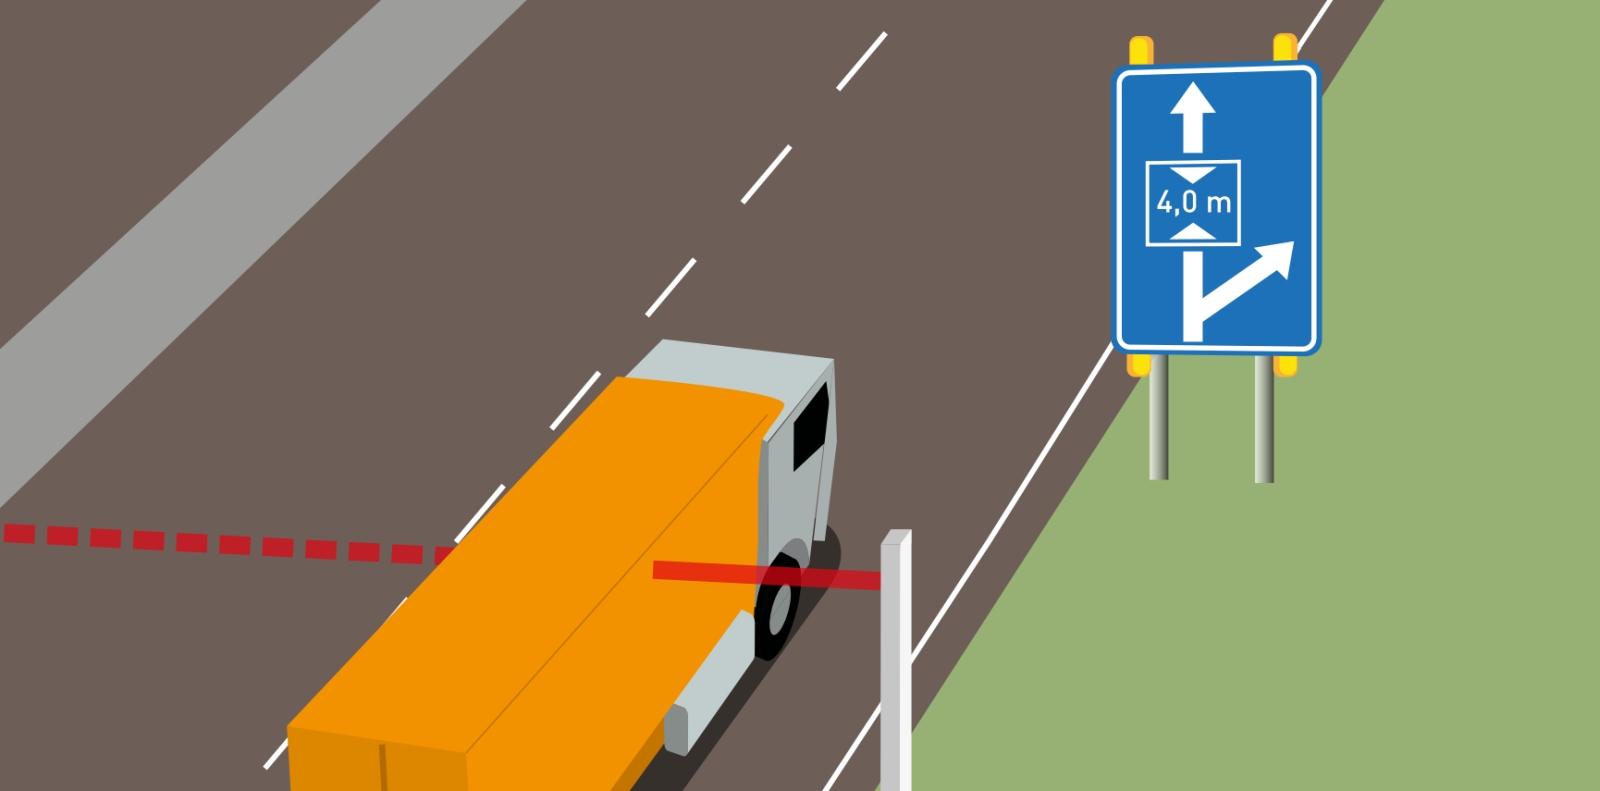 te-hoge-vrachtwagen-voor-de-tunnel-1.jpg